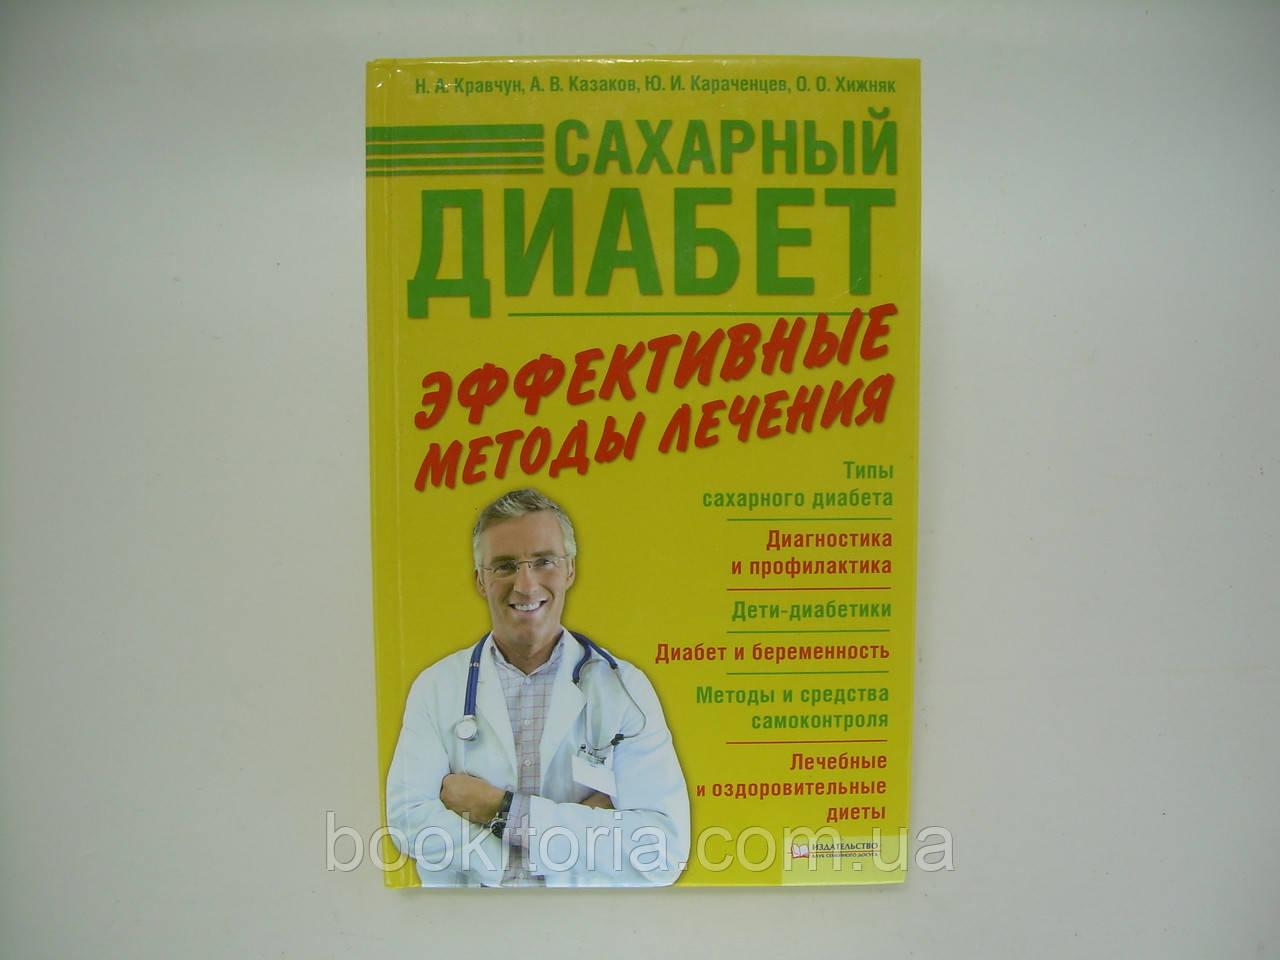 Кравчун Н.А. и др. Сахарный диабет. Эффективные методы лечения (б/у).